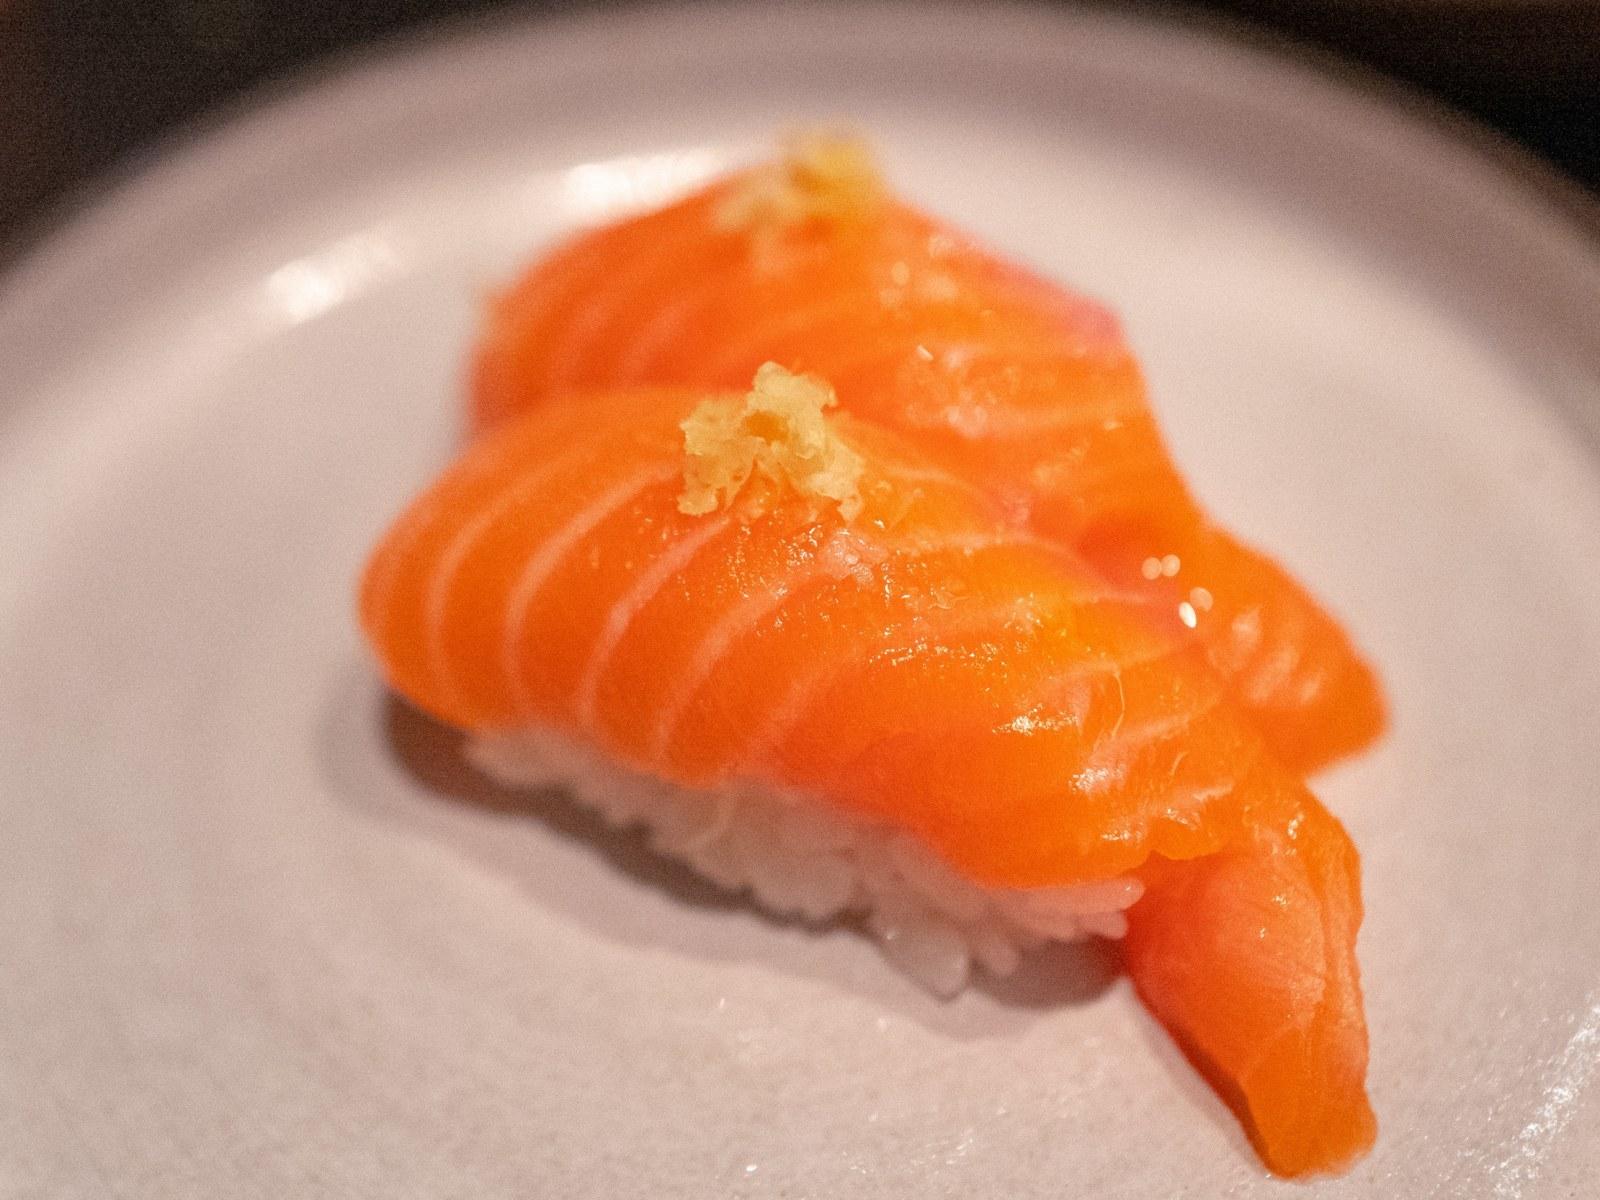 'Miếng sushi cá hồi' này thực ra là một sinh vật mới phát hiện ở Nhật Bản